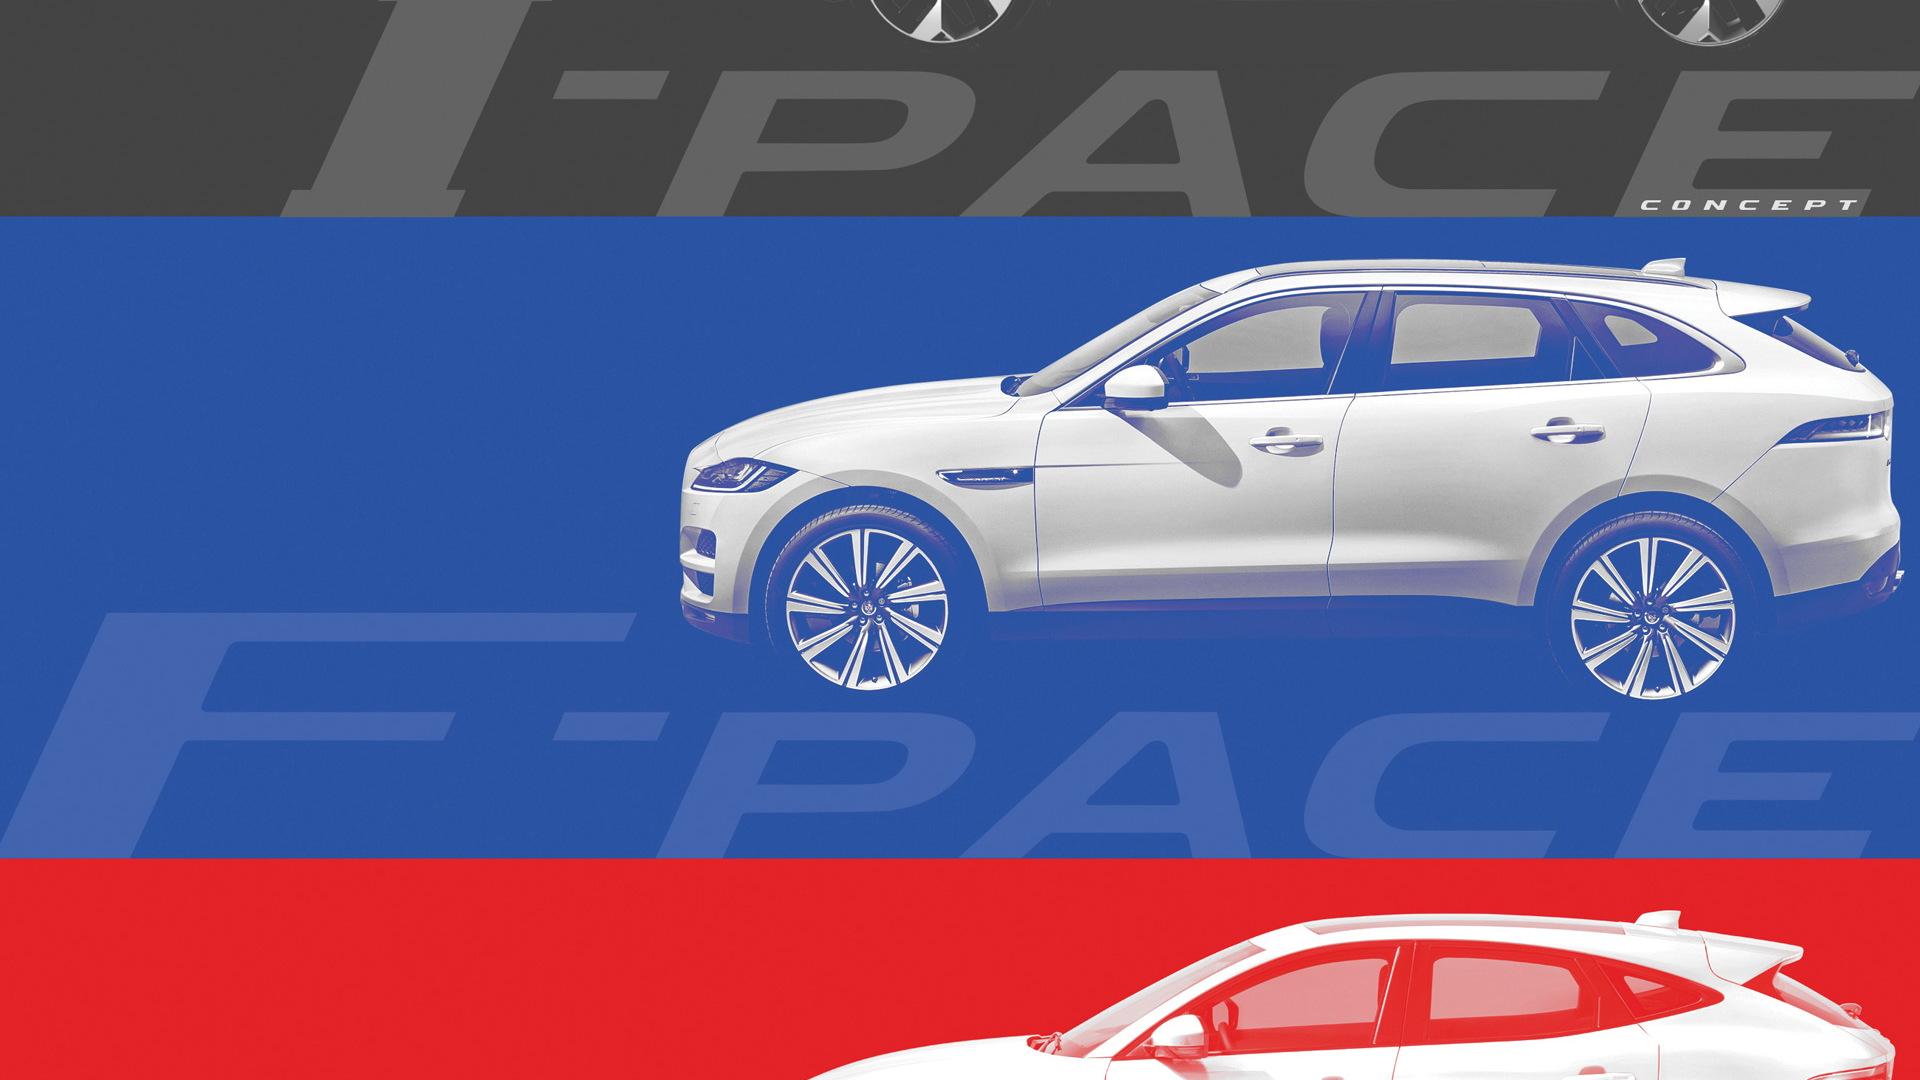 Comparison of Jaguar I-Pace, F-Pace and E-Pace SUVs